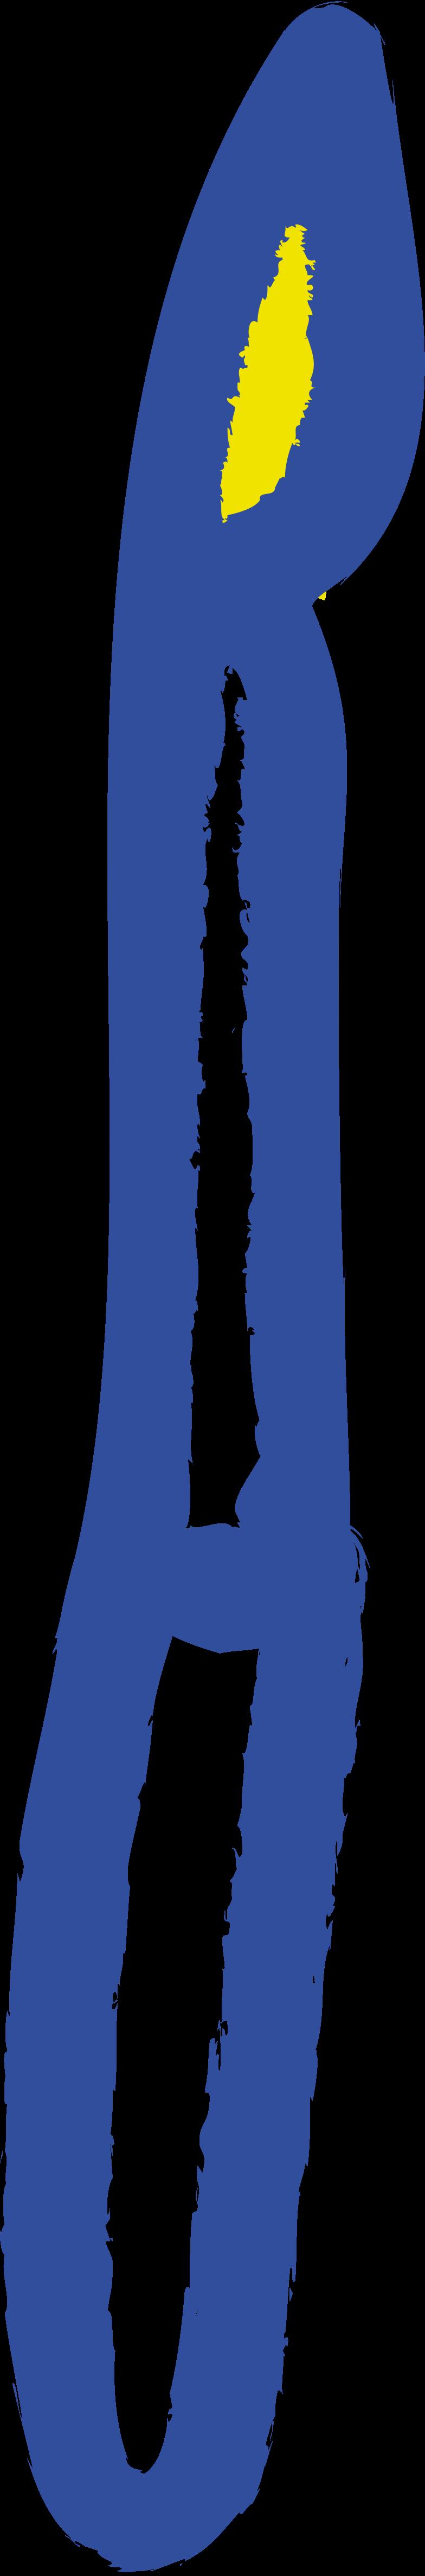 bürste Clipart-Grafik als PNG, SVG